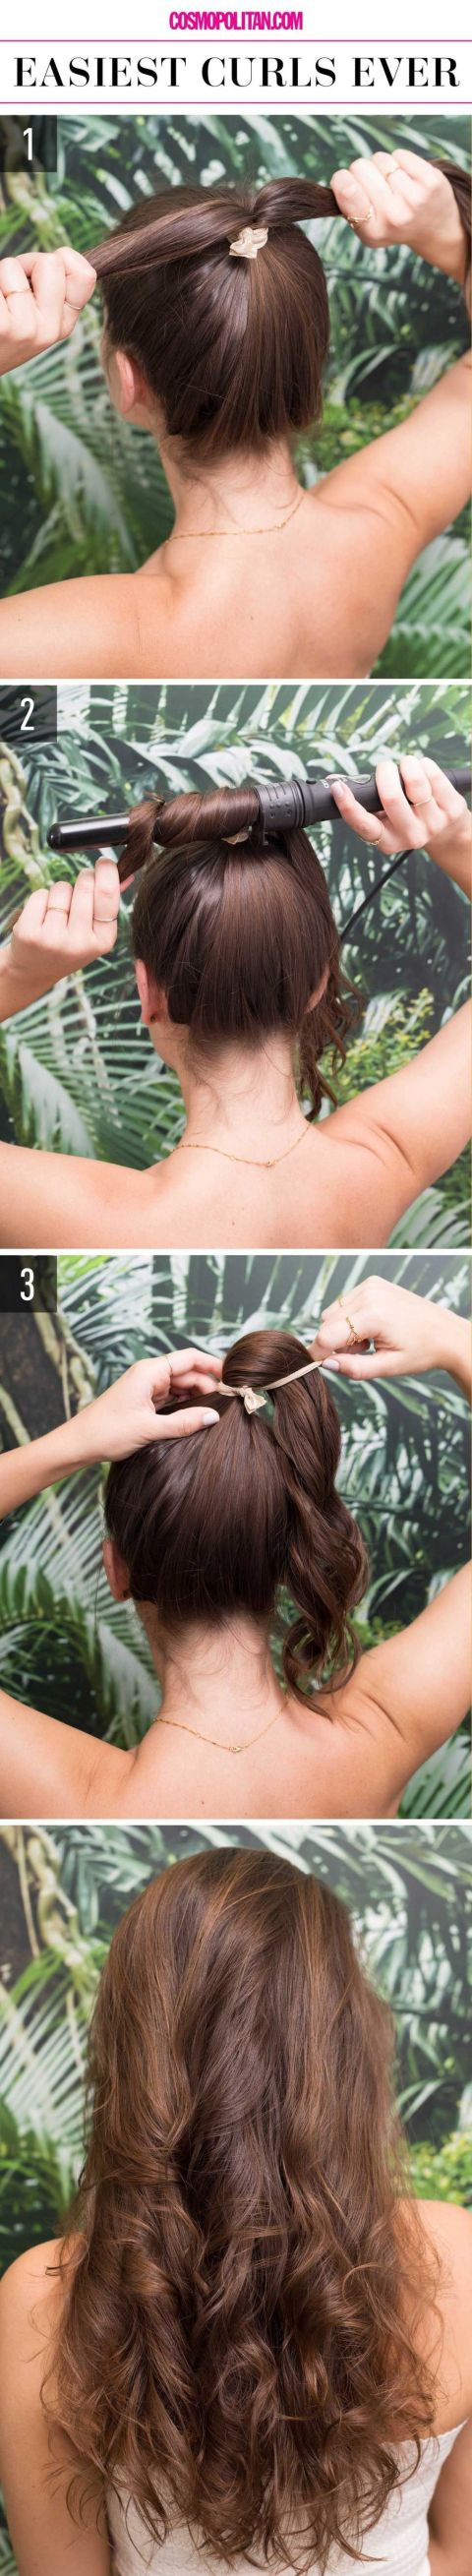 Easiest curls ever